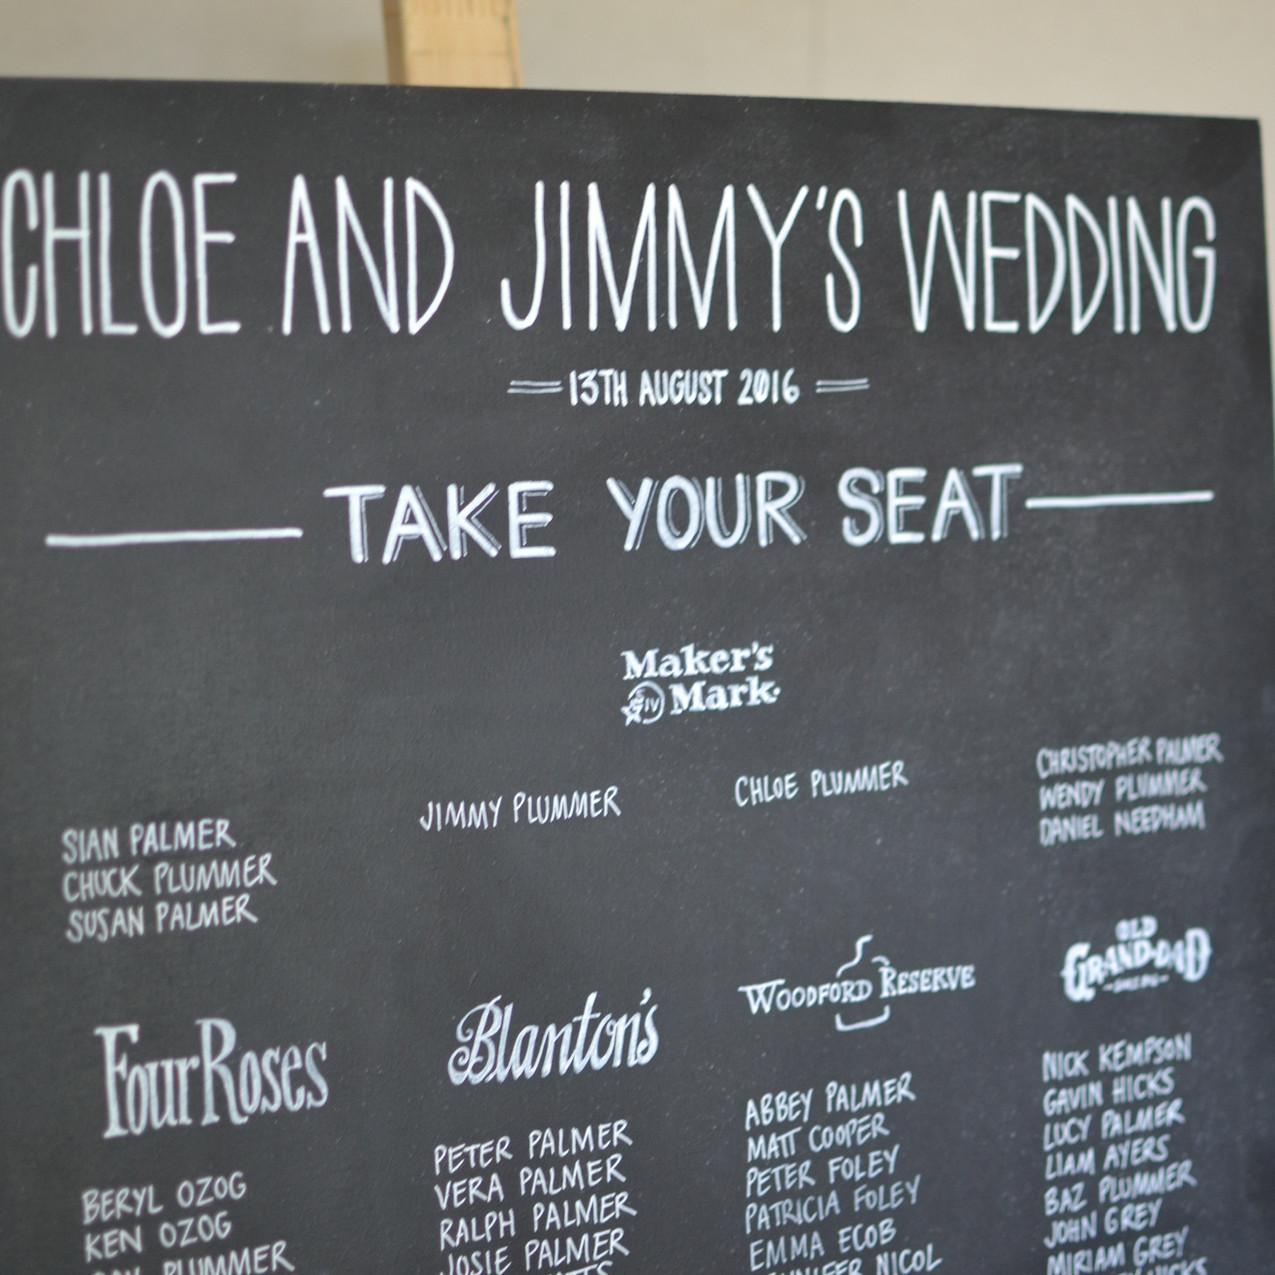 Chloe & Jimmy Chalkboard Table Plan - August 2016 (17)